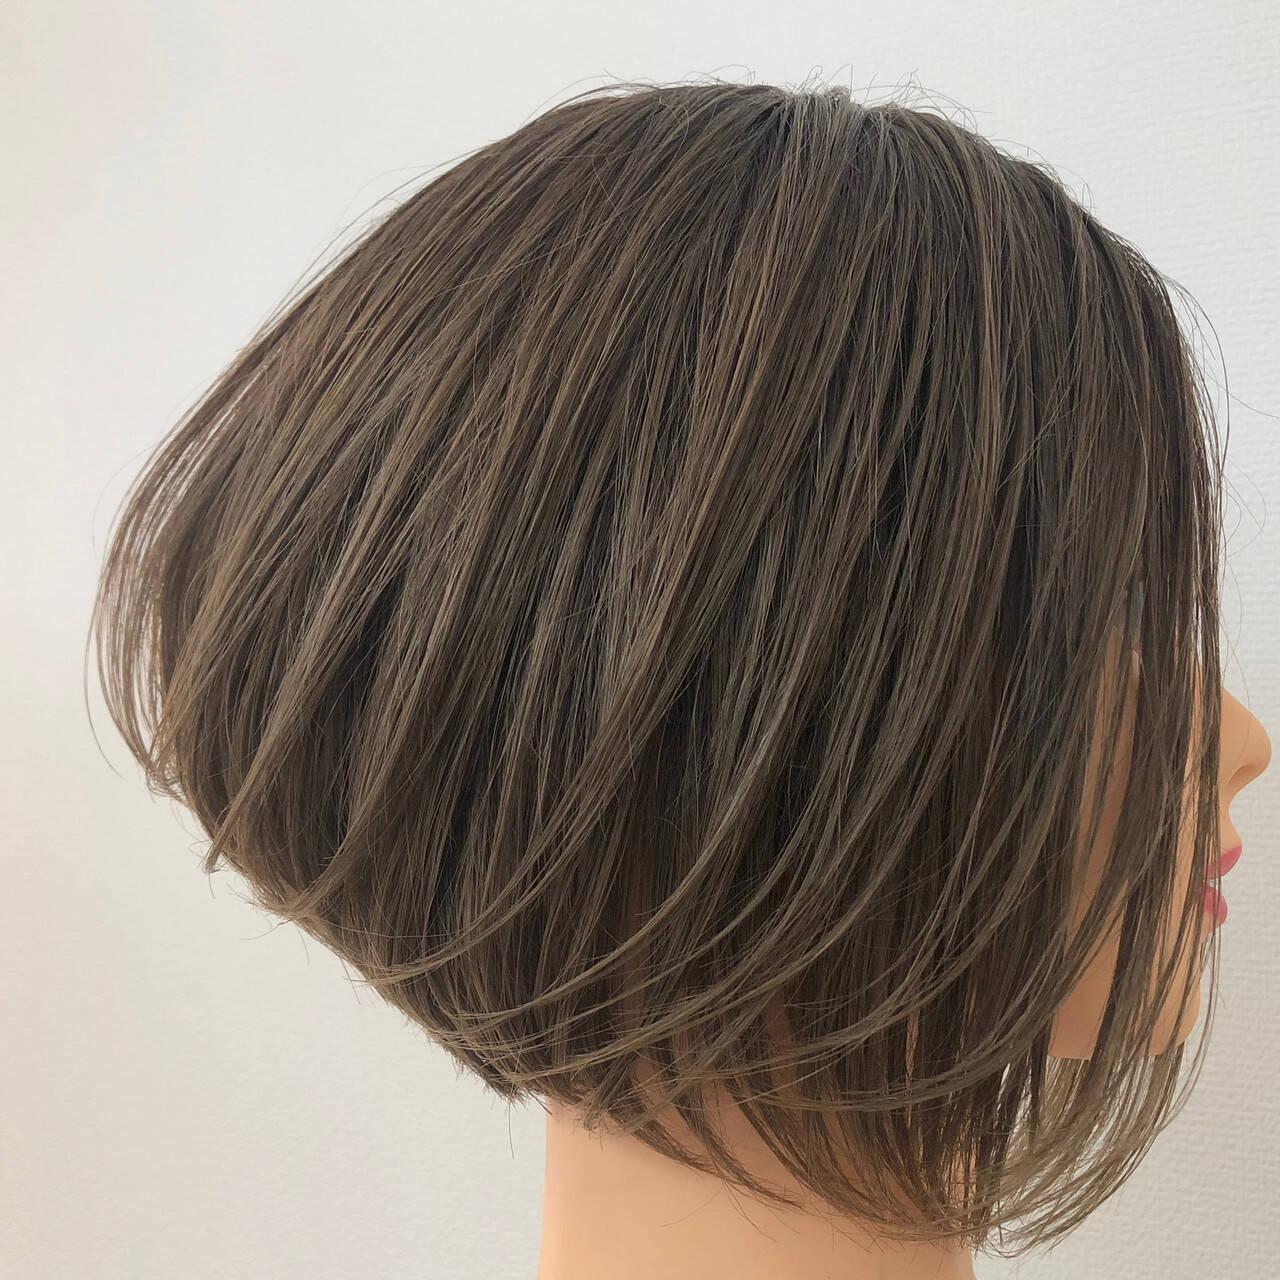 デート 前下がりボブ ナチュラル グレージュヘアスタイルや髪型の写真・画像